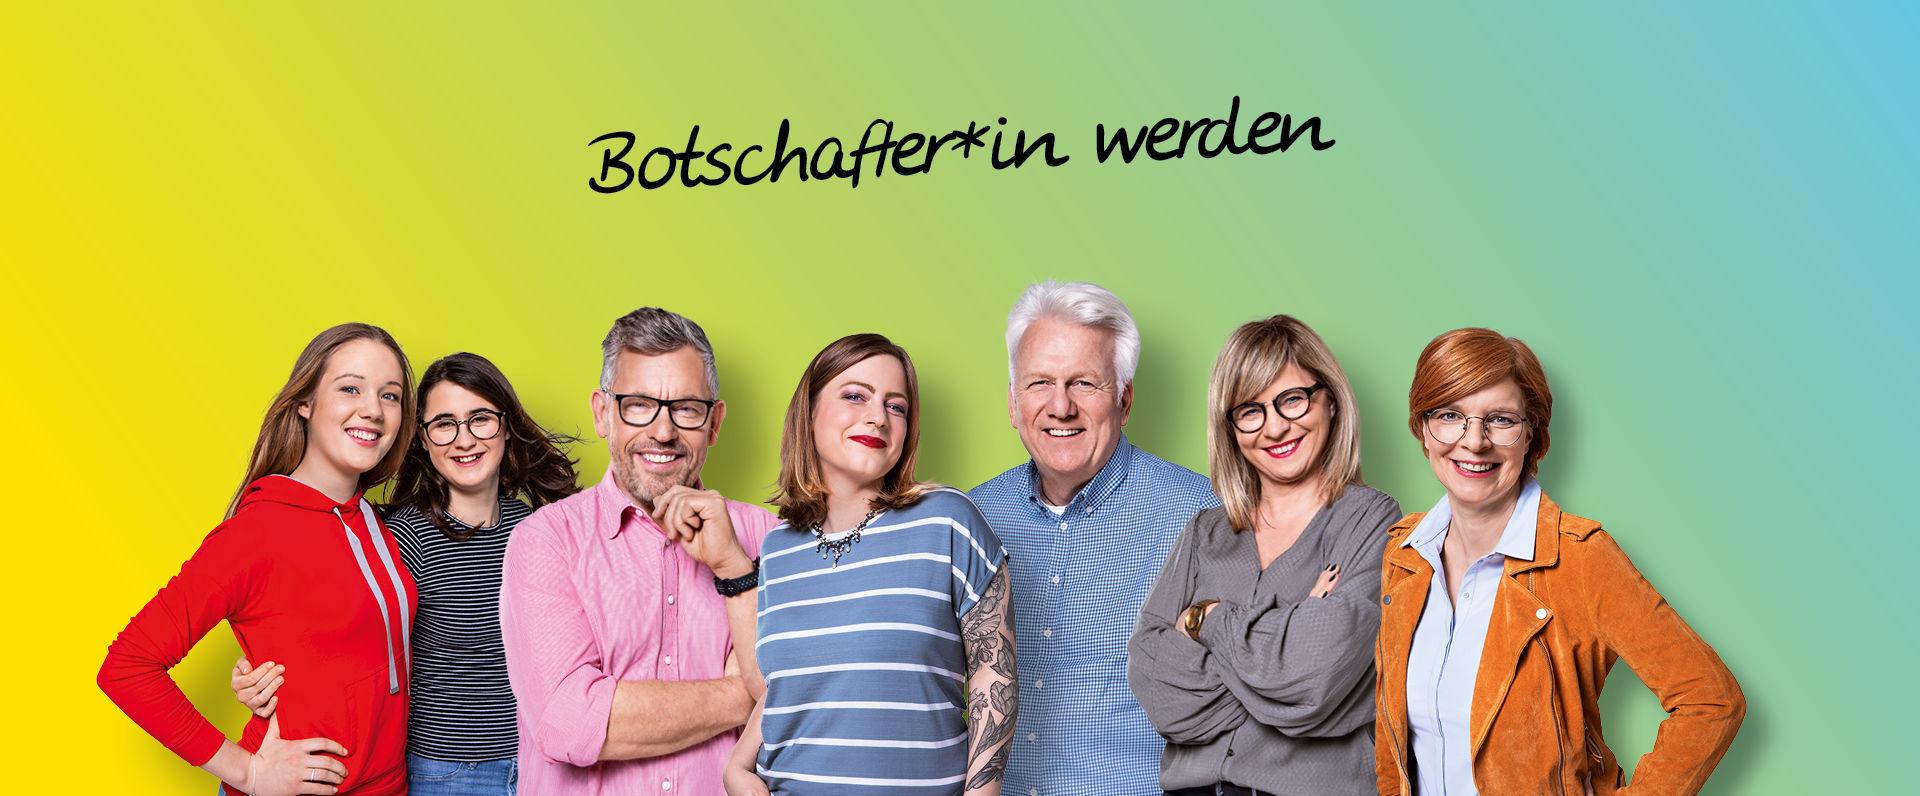 UmsteiGERN-Botschafter*innen werben für klimafreundliche Mobilität in Dortmund